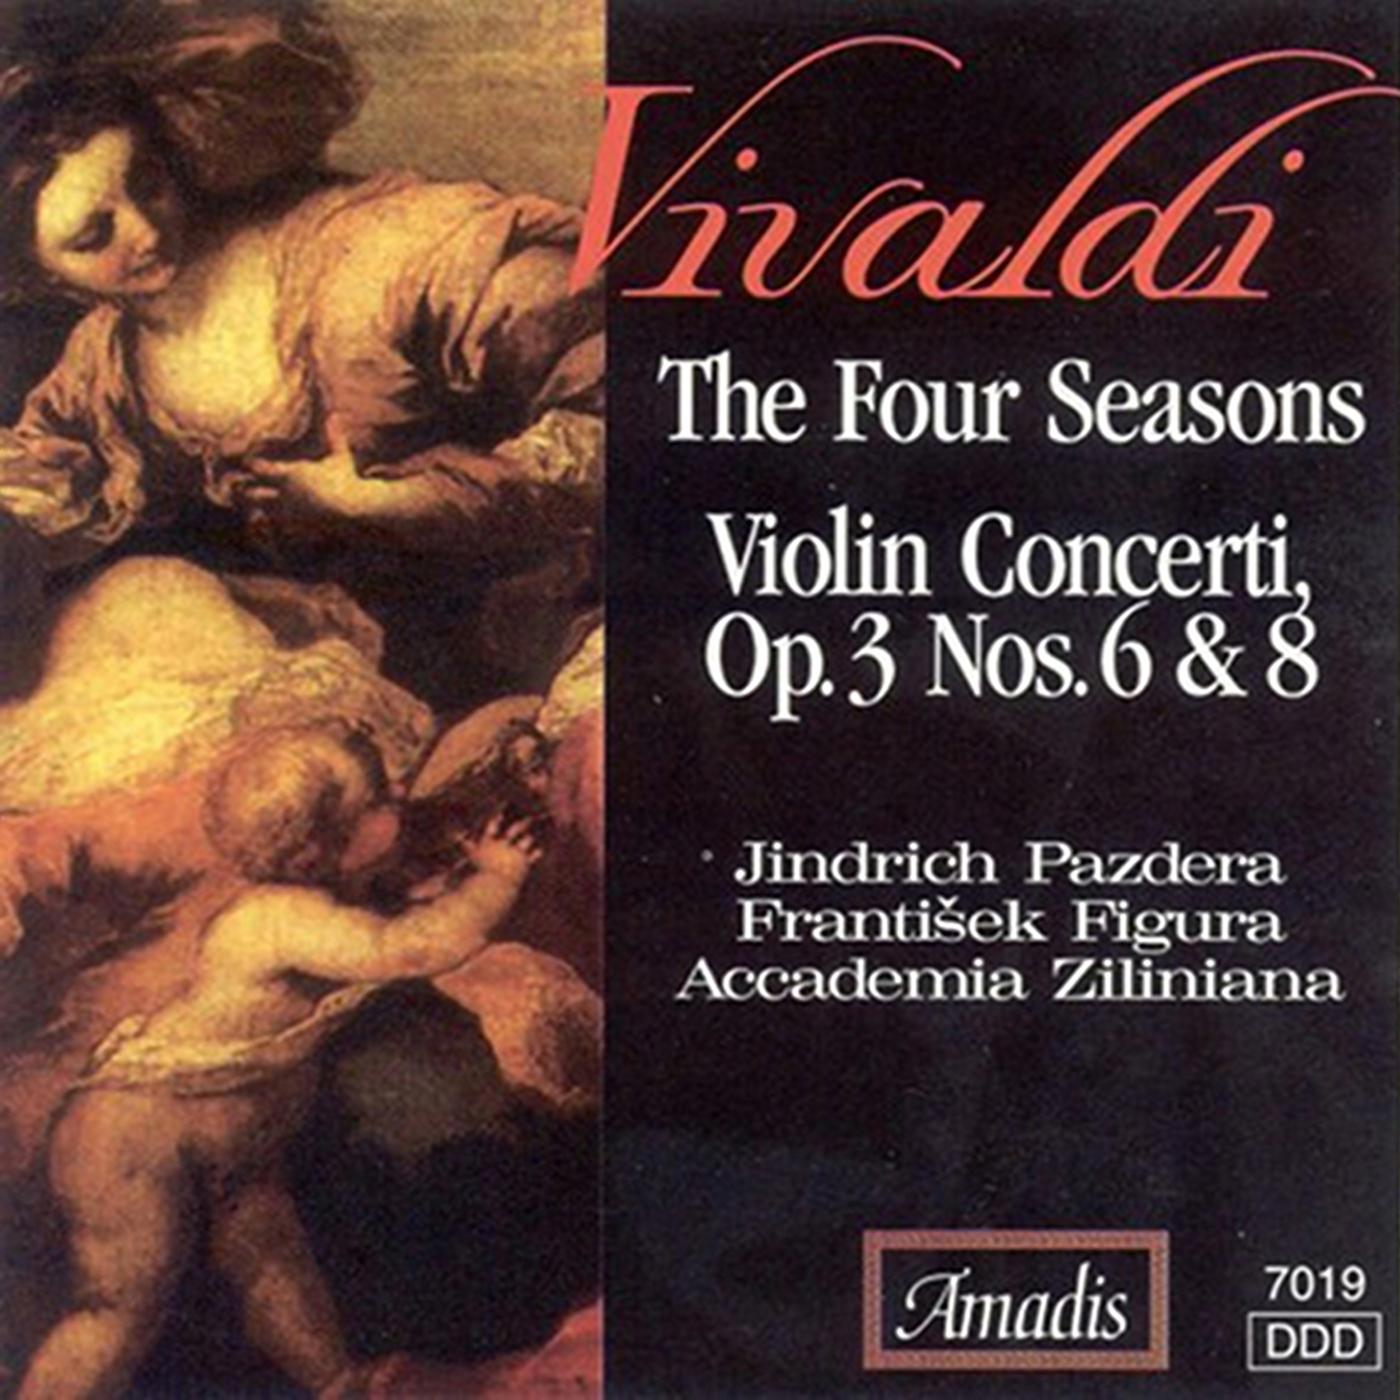 Vivaldi: 4 Seasons (The) - Violin Concertos, Op. 3, Nos. 6 and 8